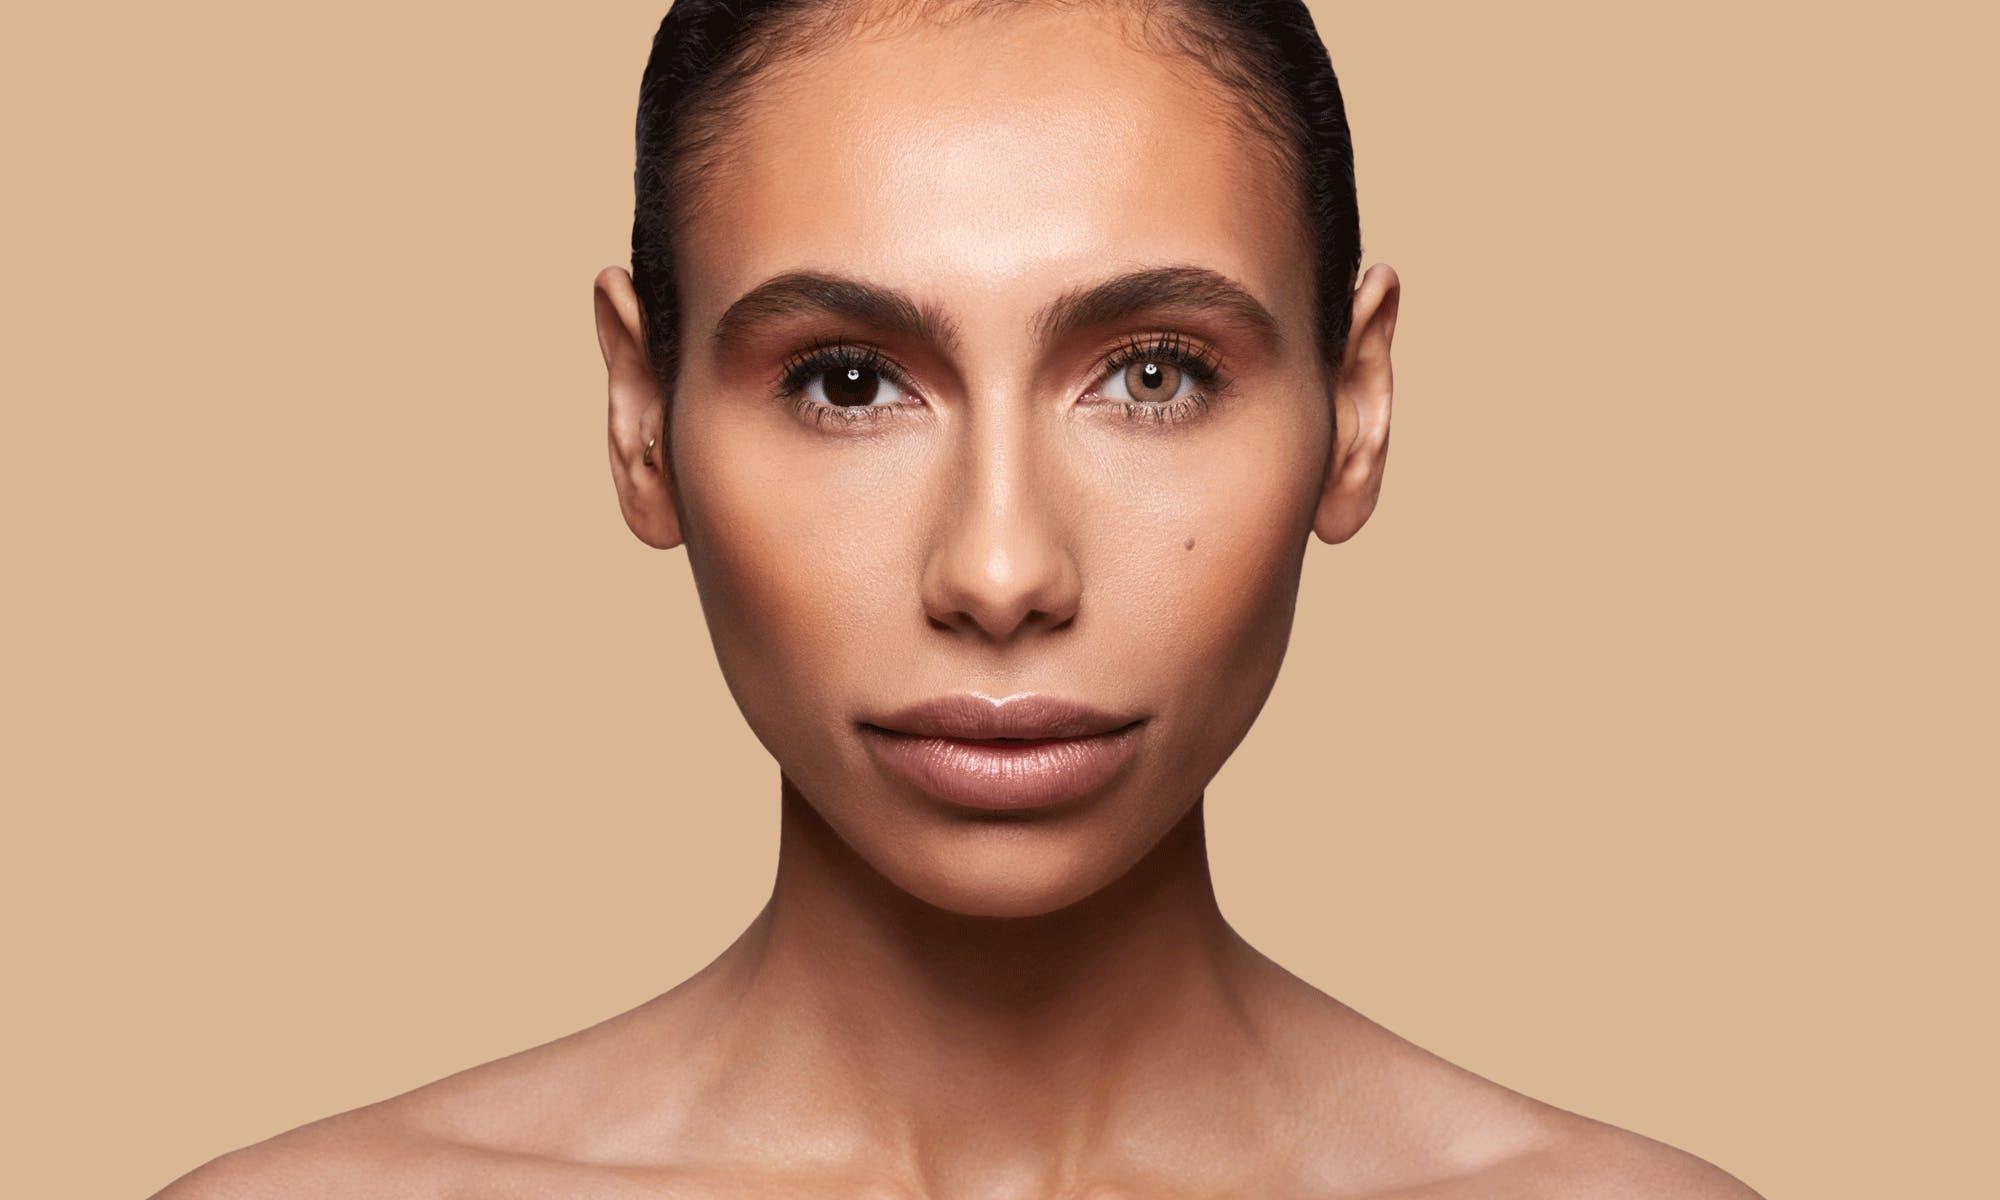 How do SWATI Brown Coloured Sandstone lenses look on dark brown eyes?